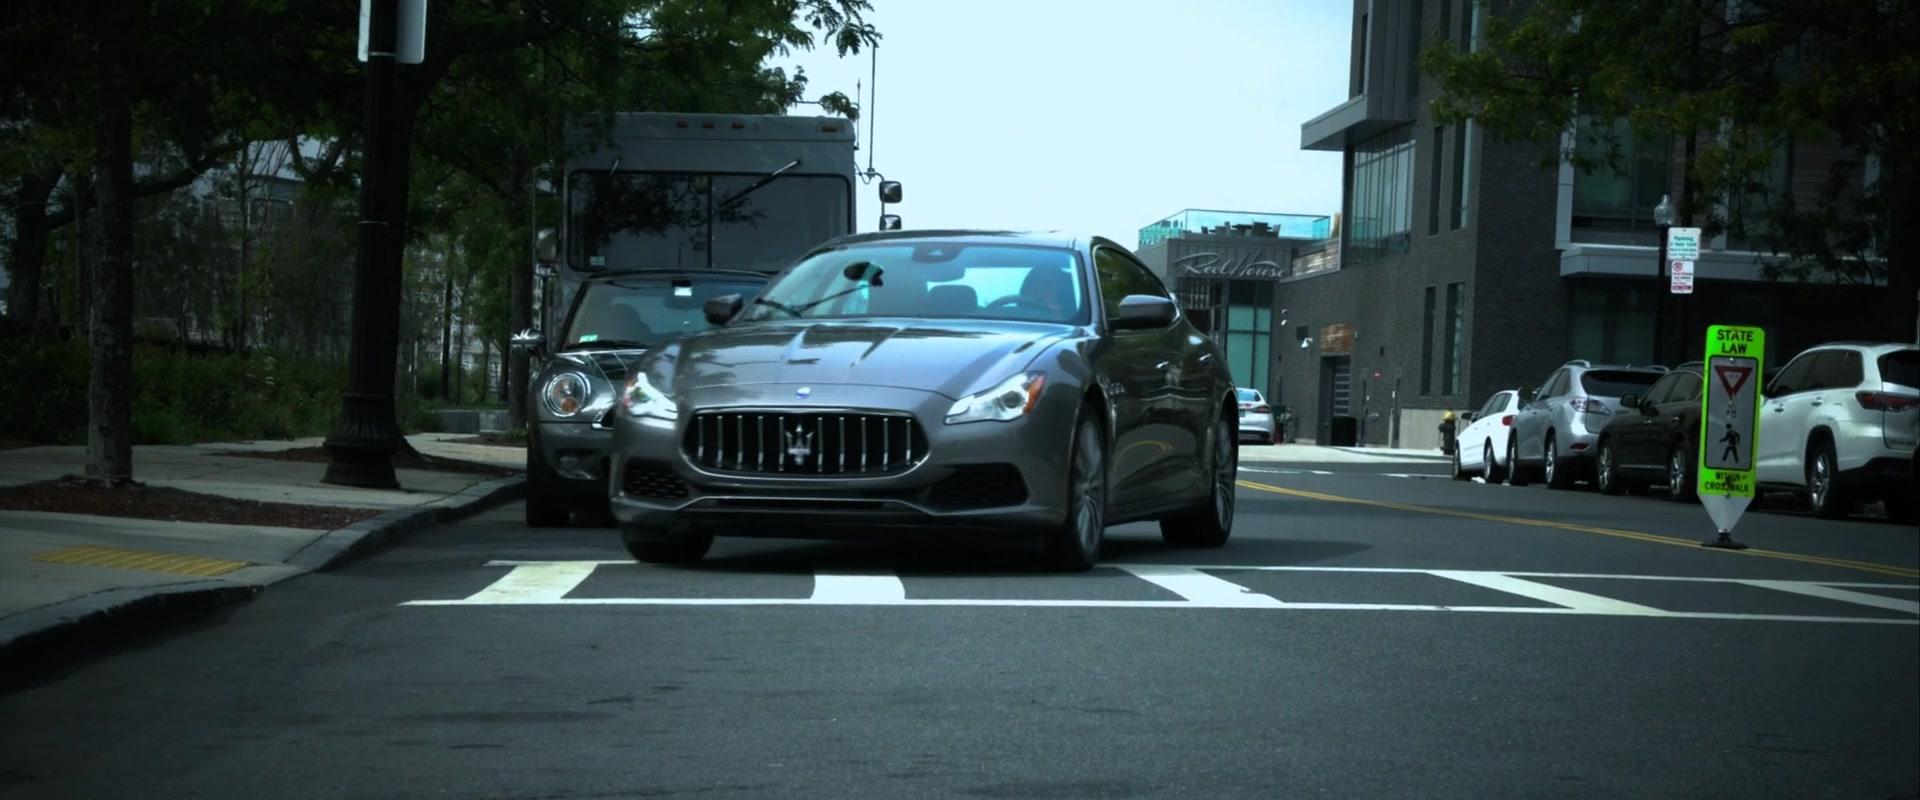 2018 Dodge Challenger >> Maserati Quattroporte Q4 Car Driven by Taraji P. Henson in Proud Mary (2018) Movie